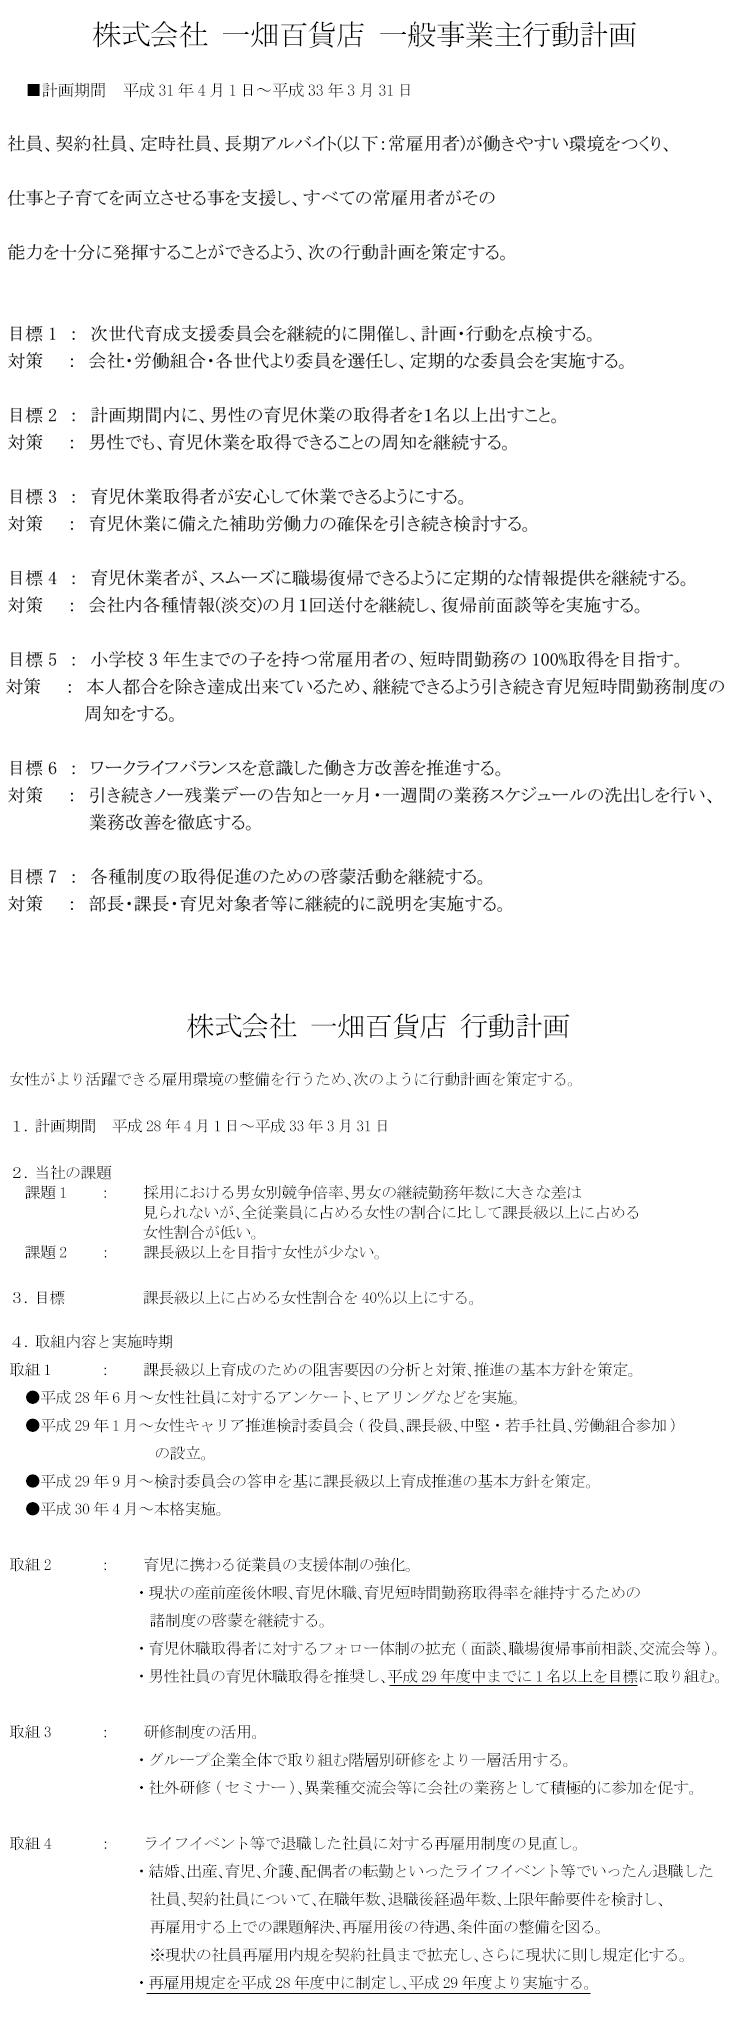 action_plan_20190401